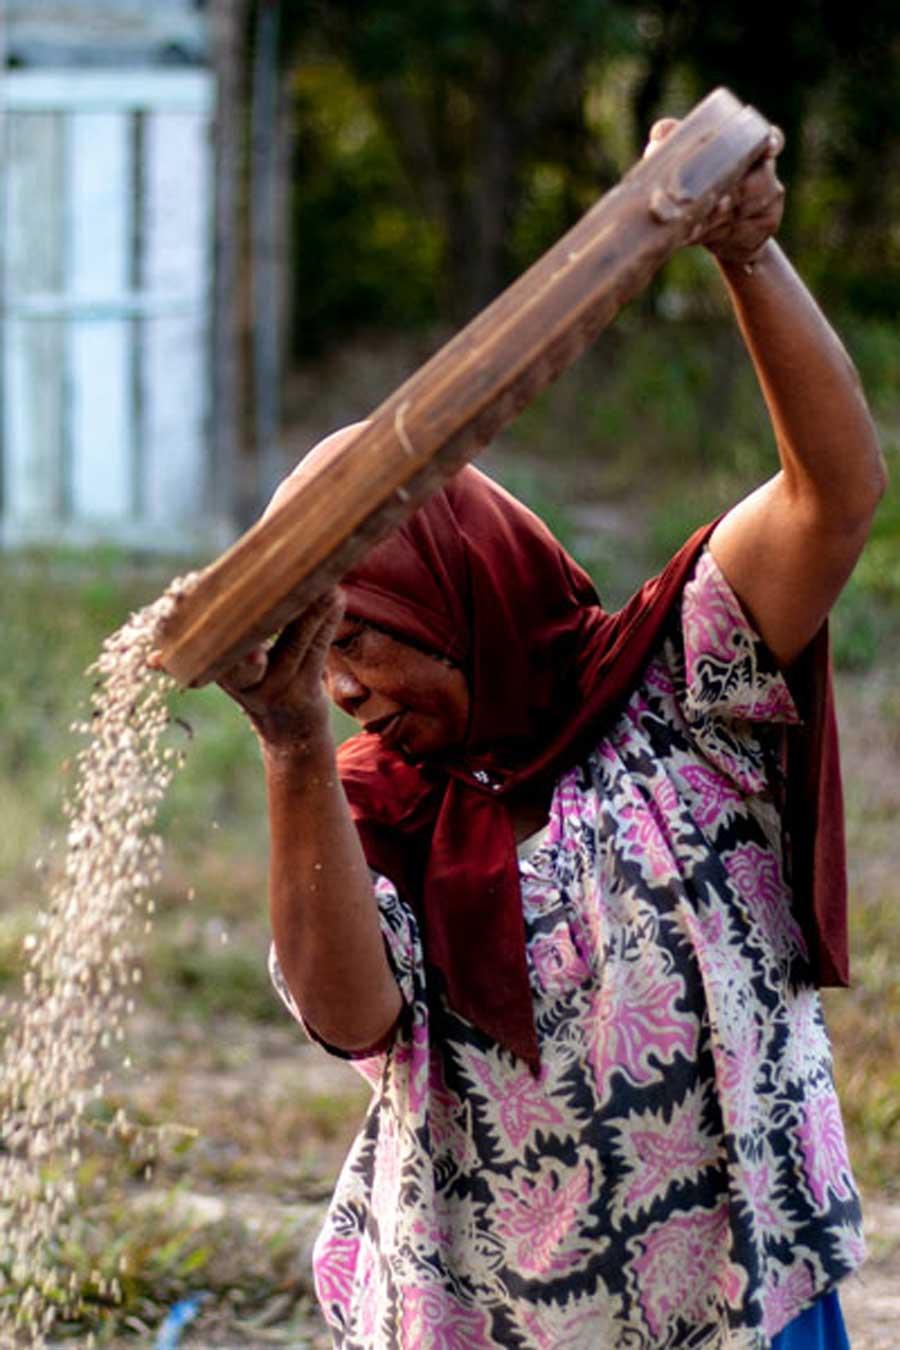 Productrice de poivre blanc biologique, sur l'île de Sulawesi, en Indonésie